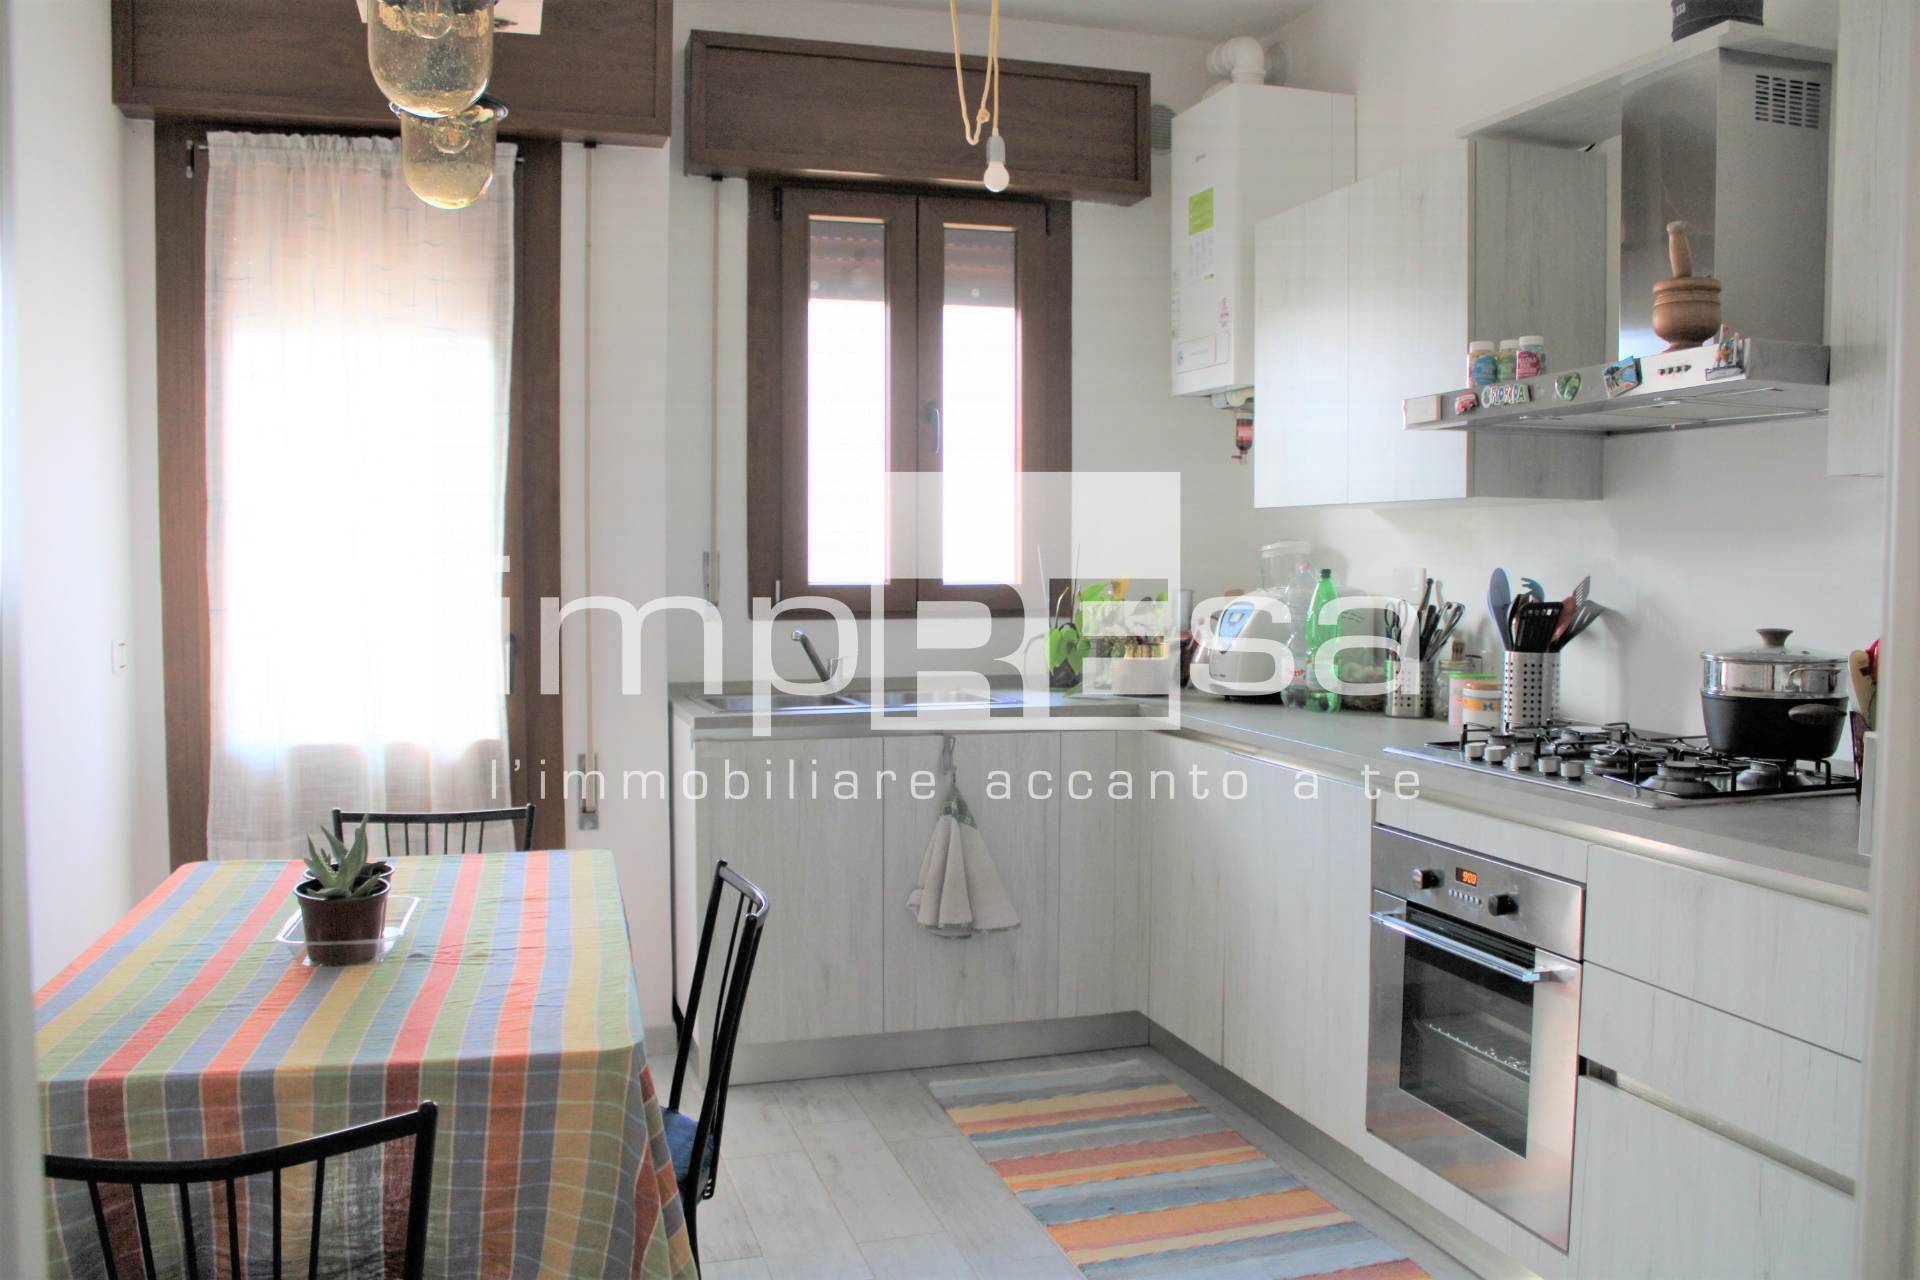 Appartamento in vendita a Mogliano Veneto, 5 locali, prezzo € 175.000   PortaleAgenzieImmobiliari.it